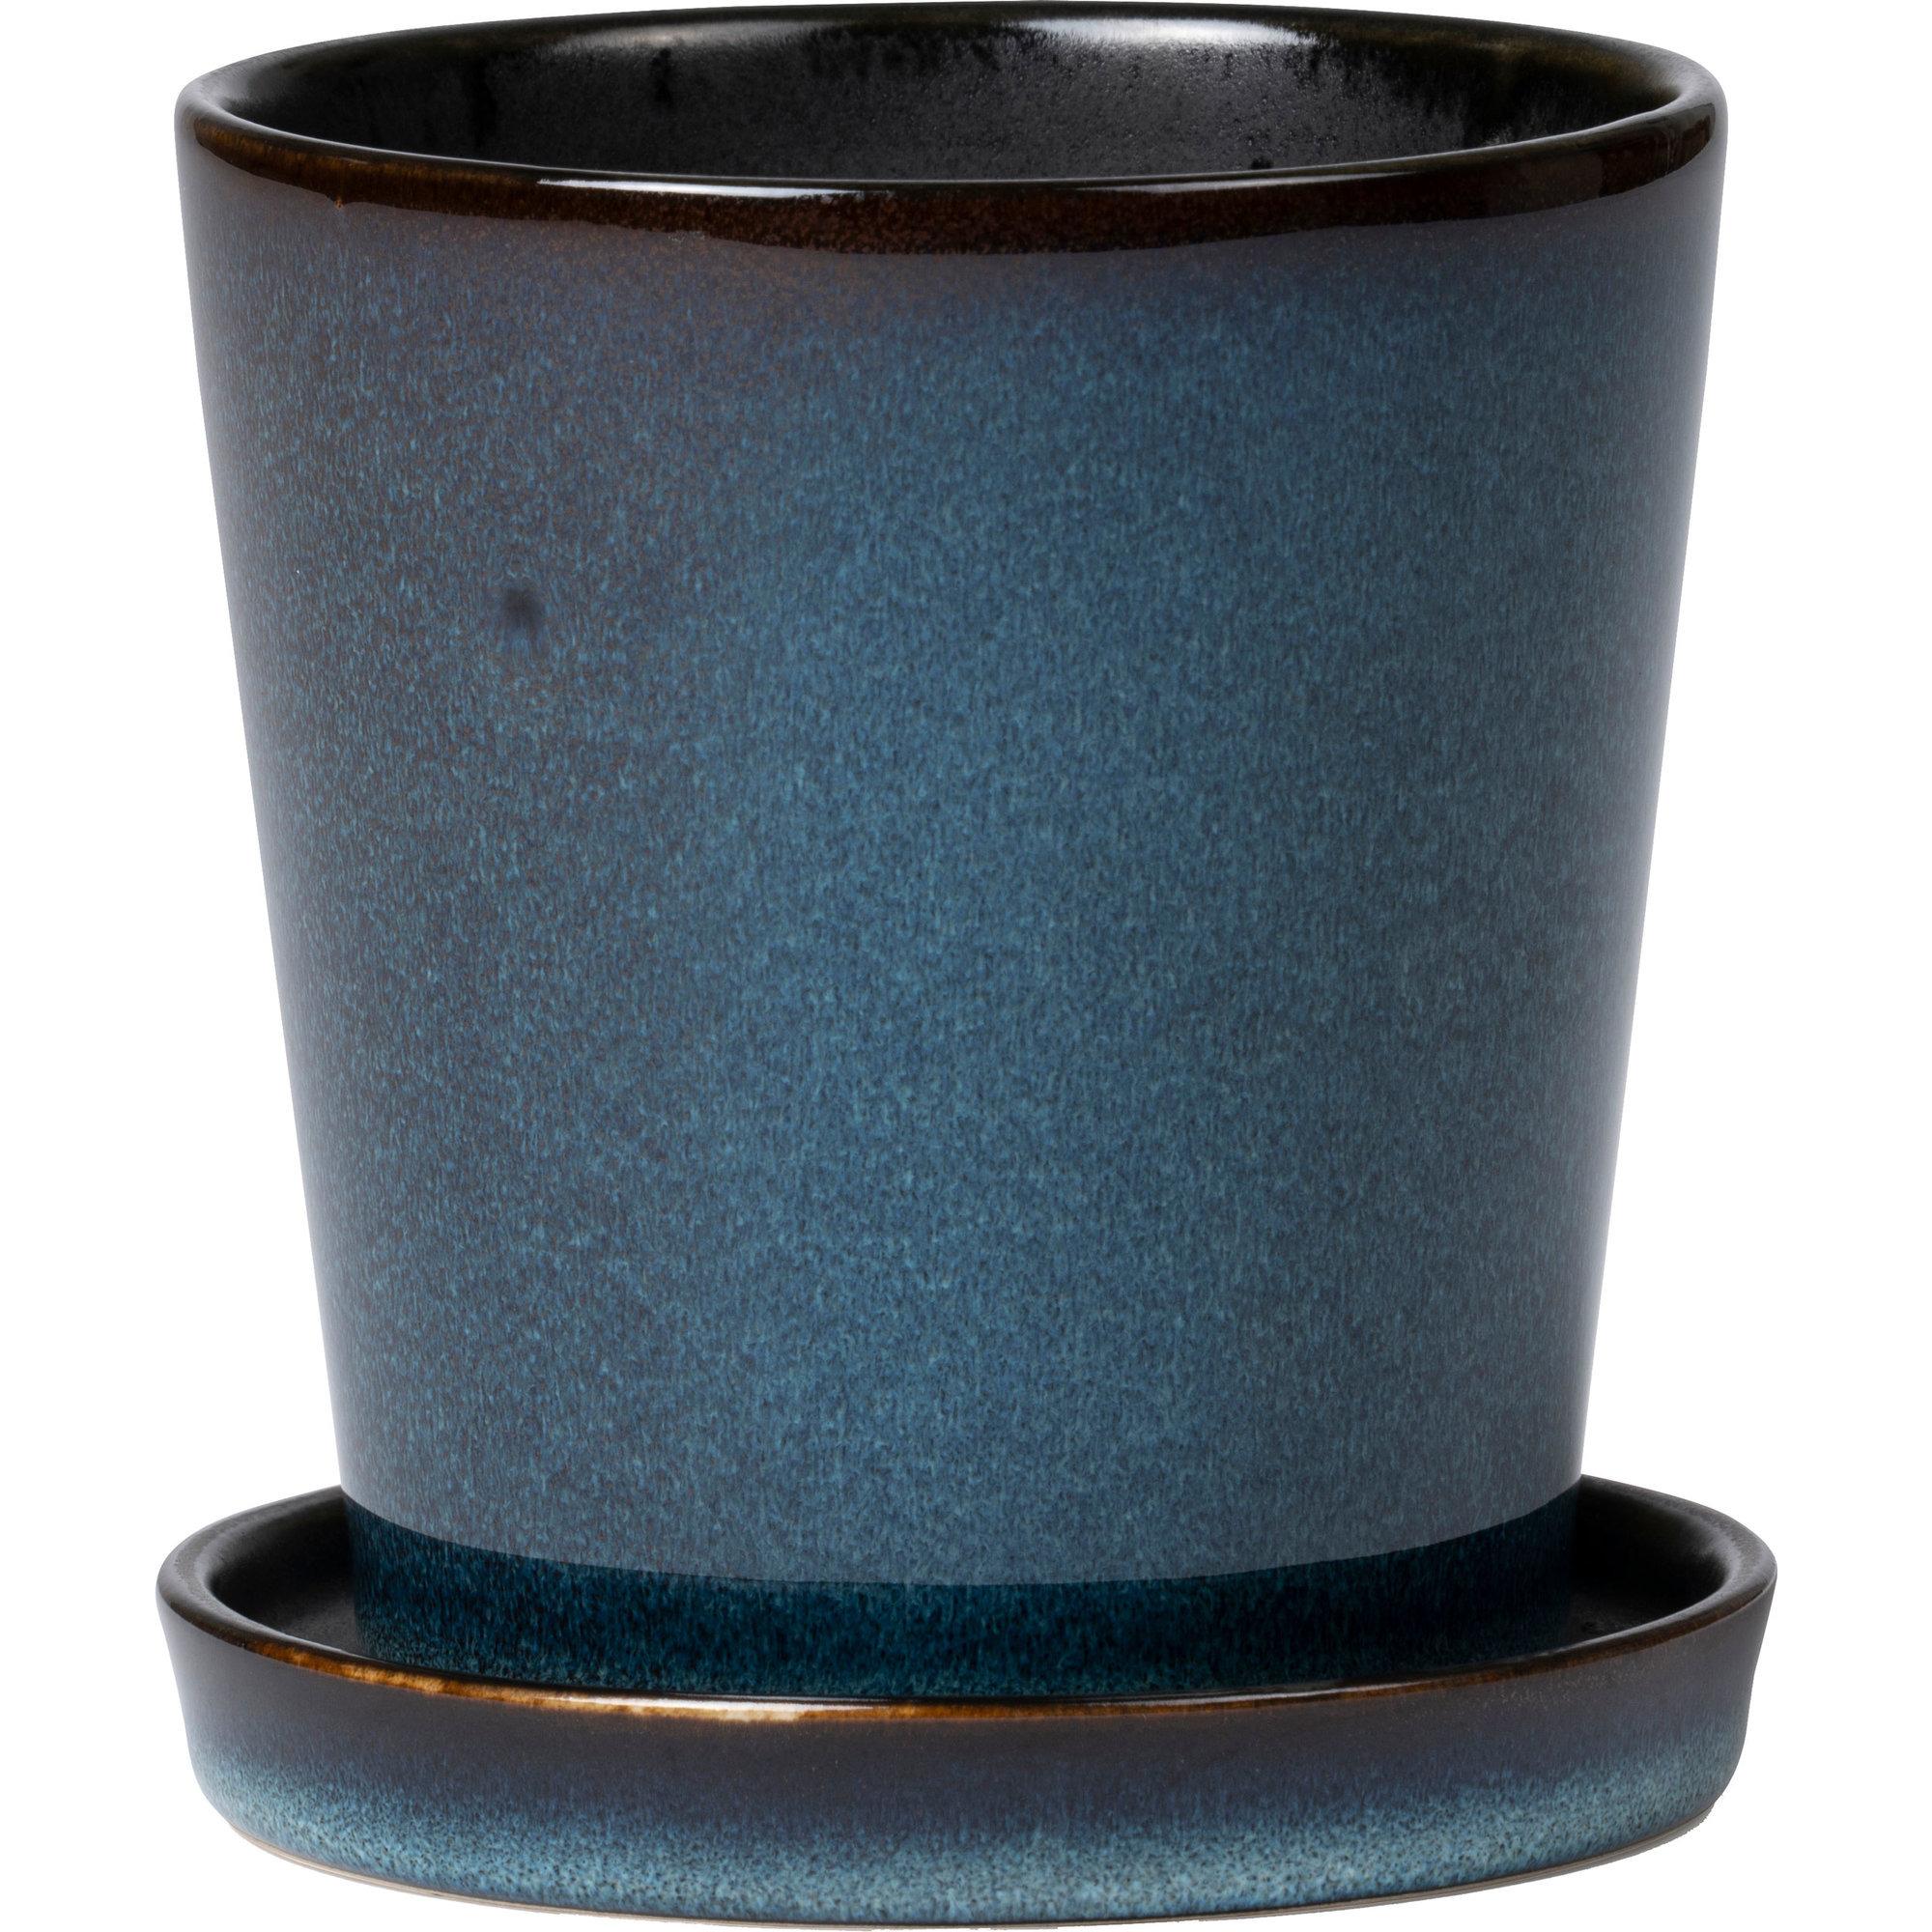 Bitz Örtkruka 10 cm Mörkblå